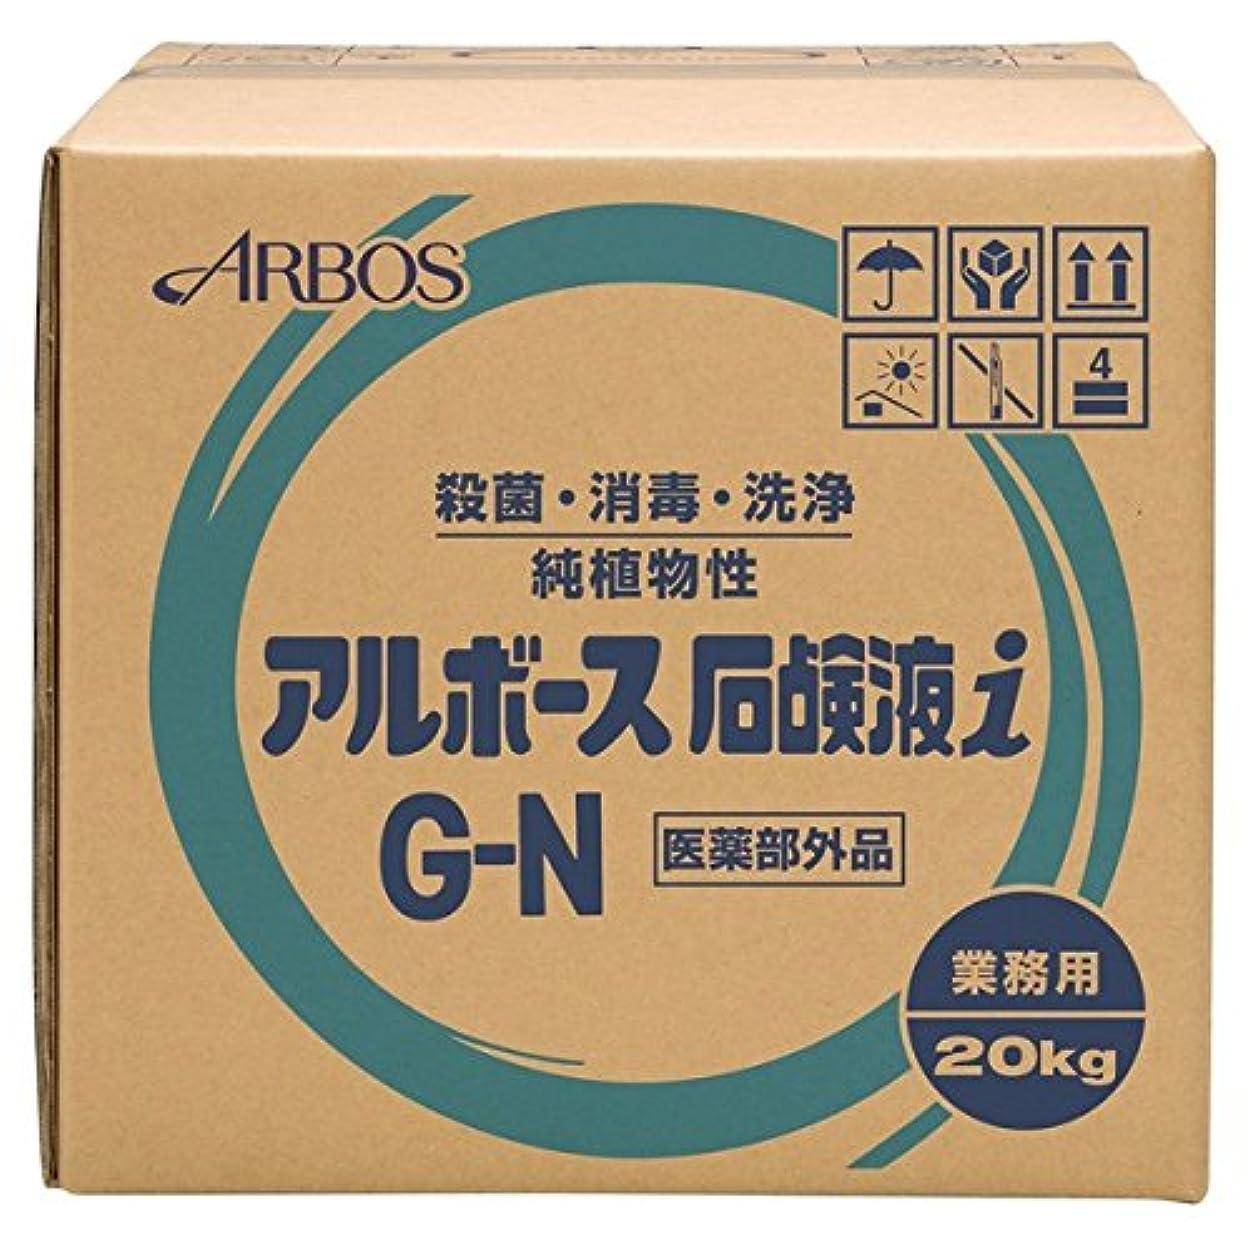 イルお誕生日マウスピースアルボース 薬用ハンドソープ アルボース石鹸液i G-N 濃縮タイプ 20kg